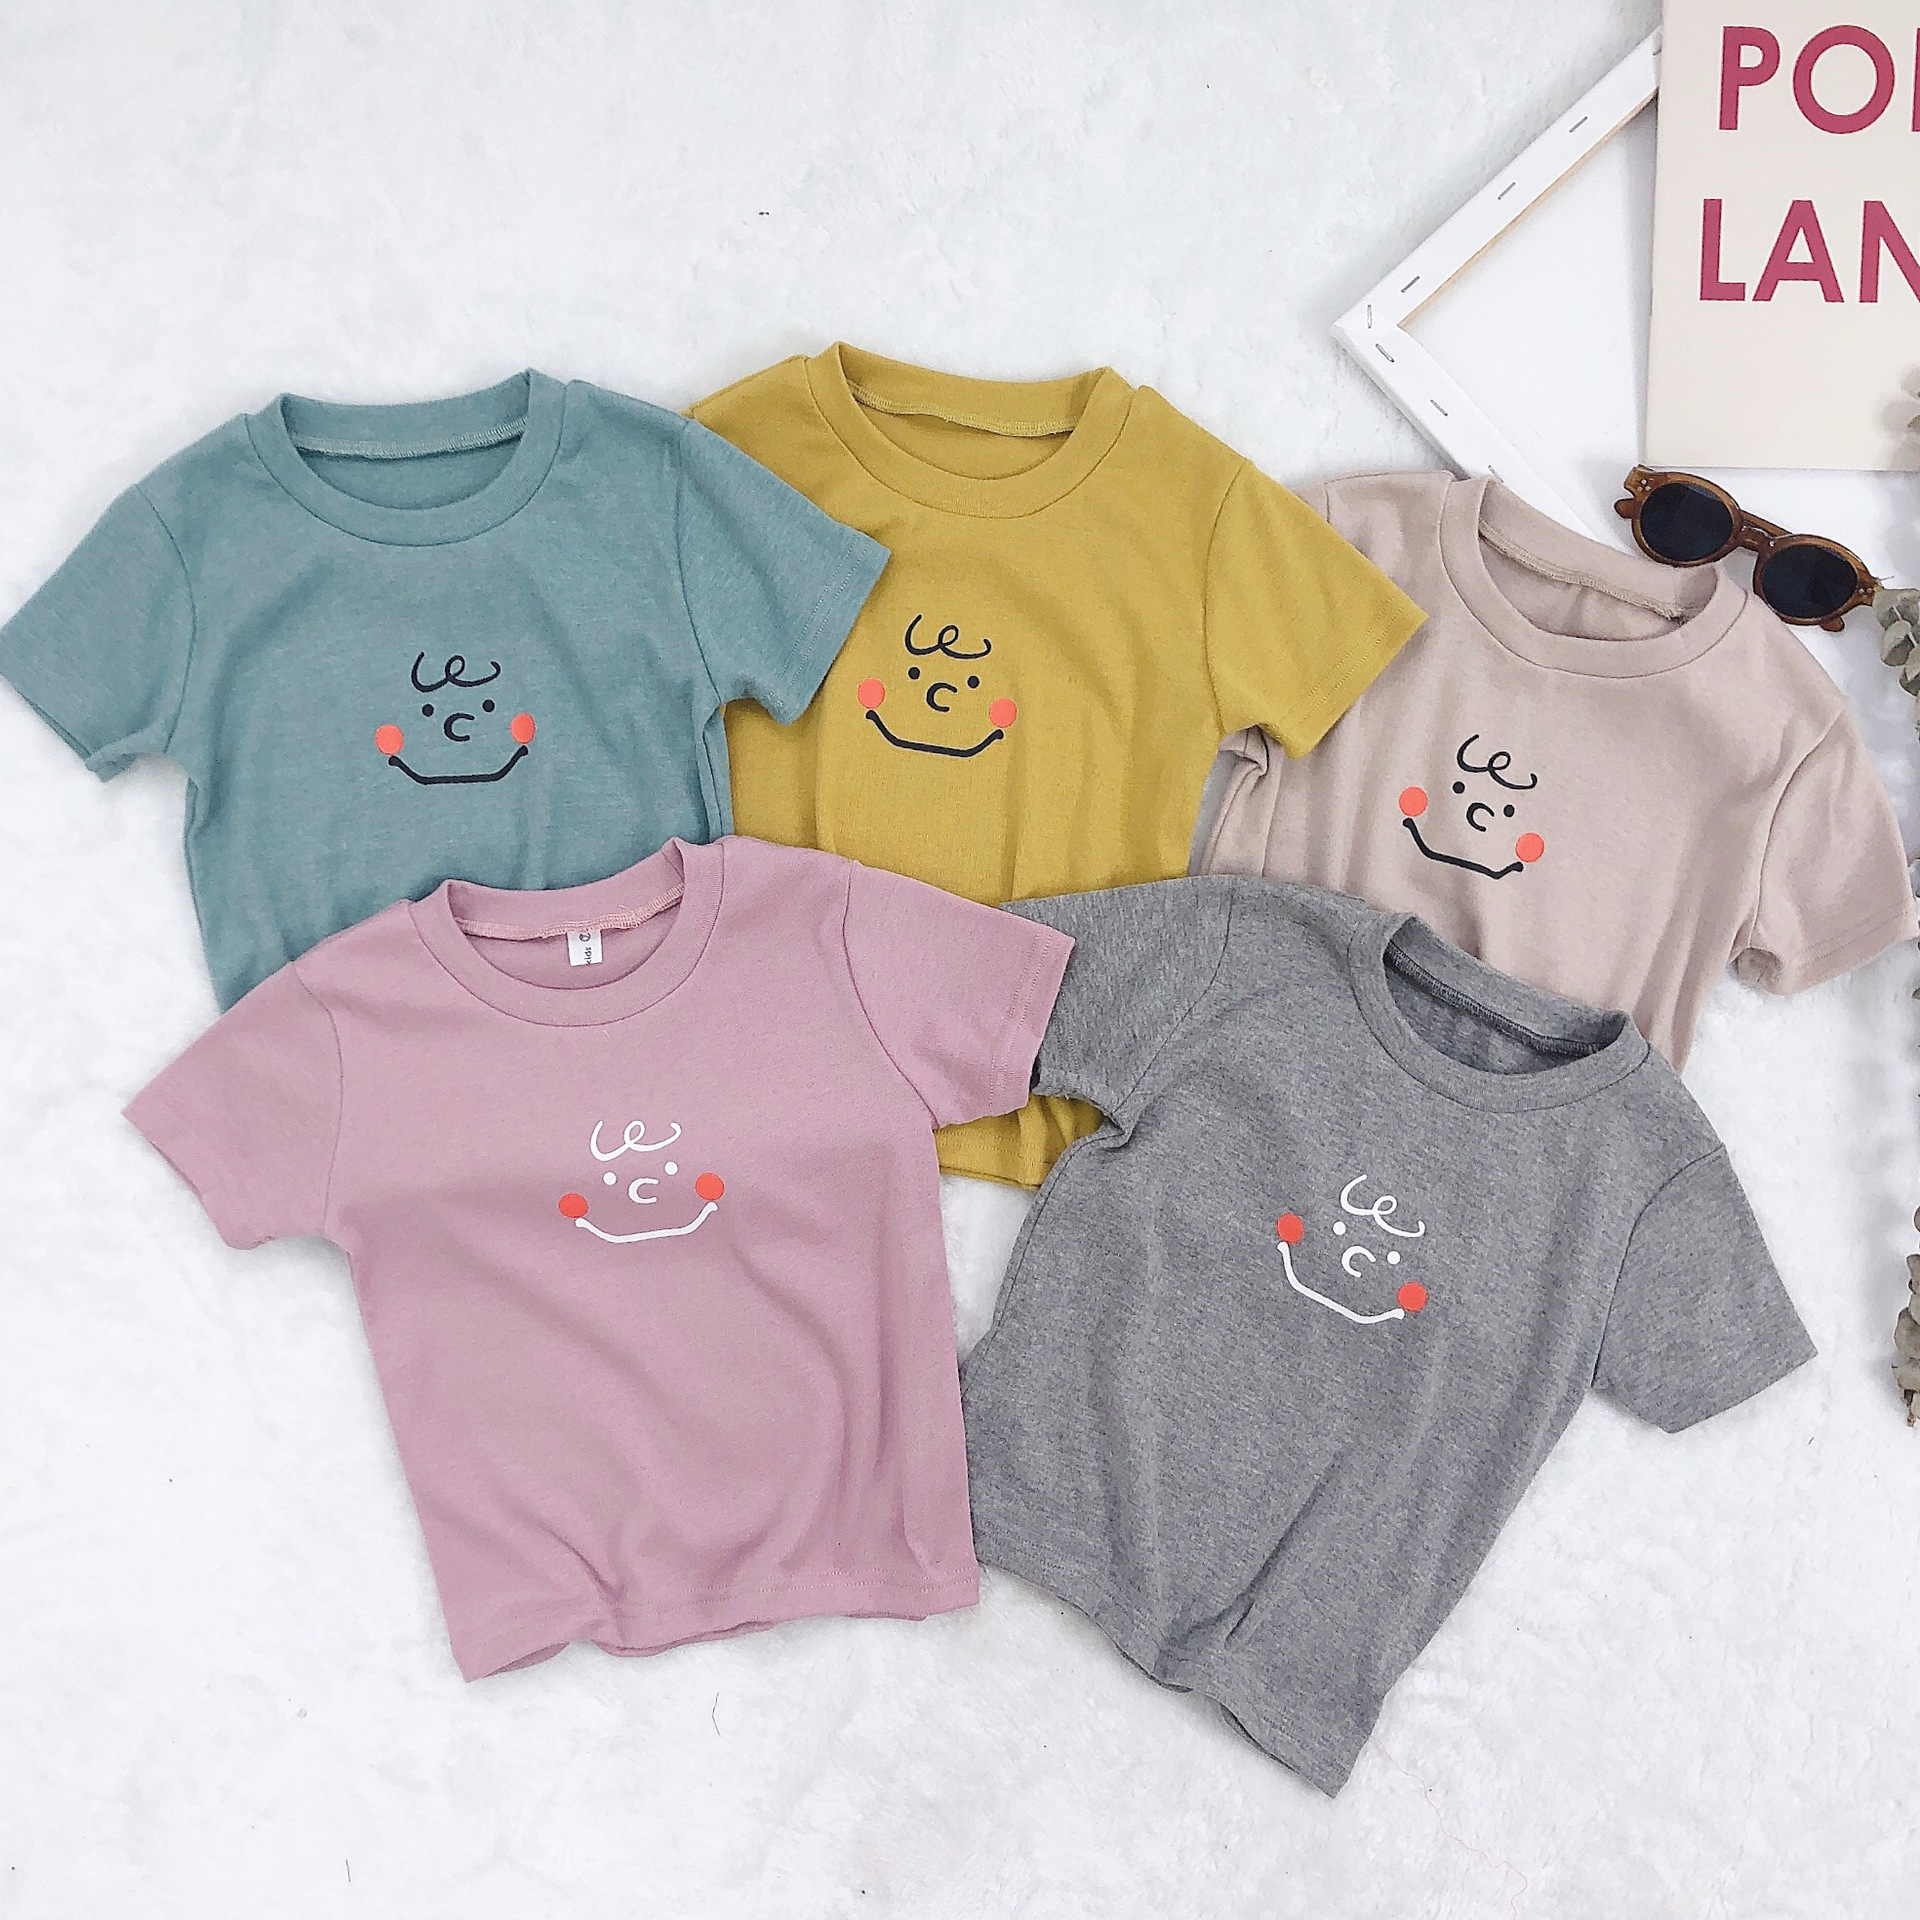 941950175b0d5 2019 New short sleeve sport t-shirt for girls birthday t-shirt s for ...